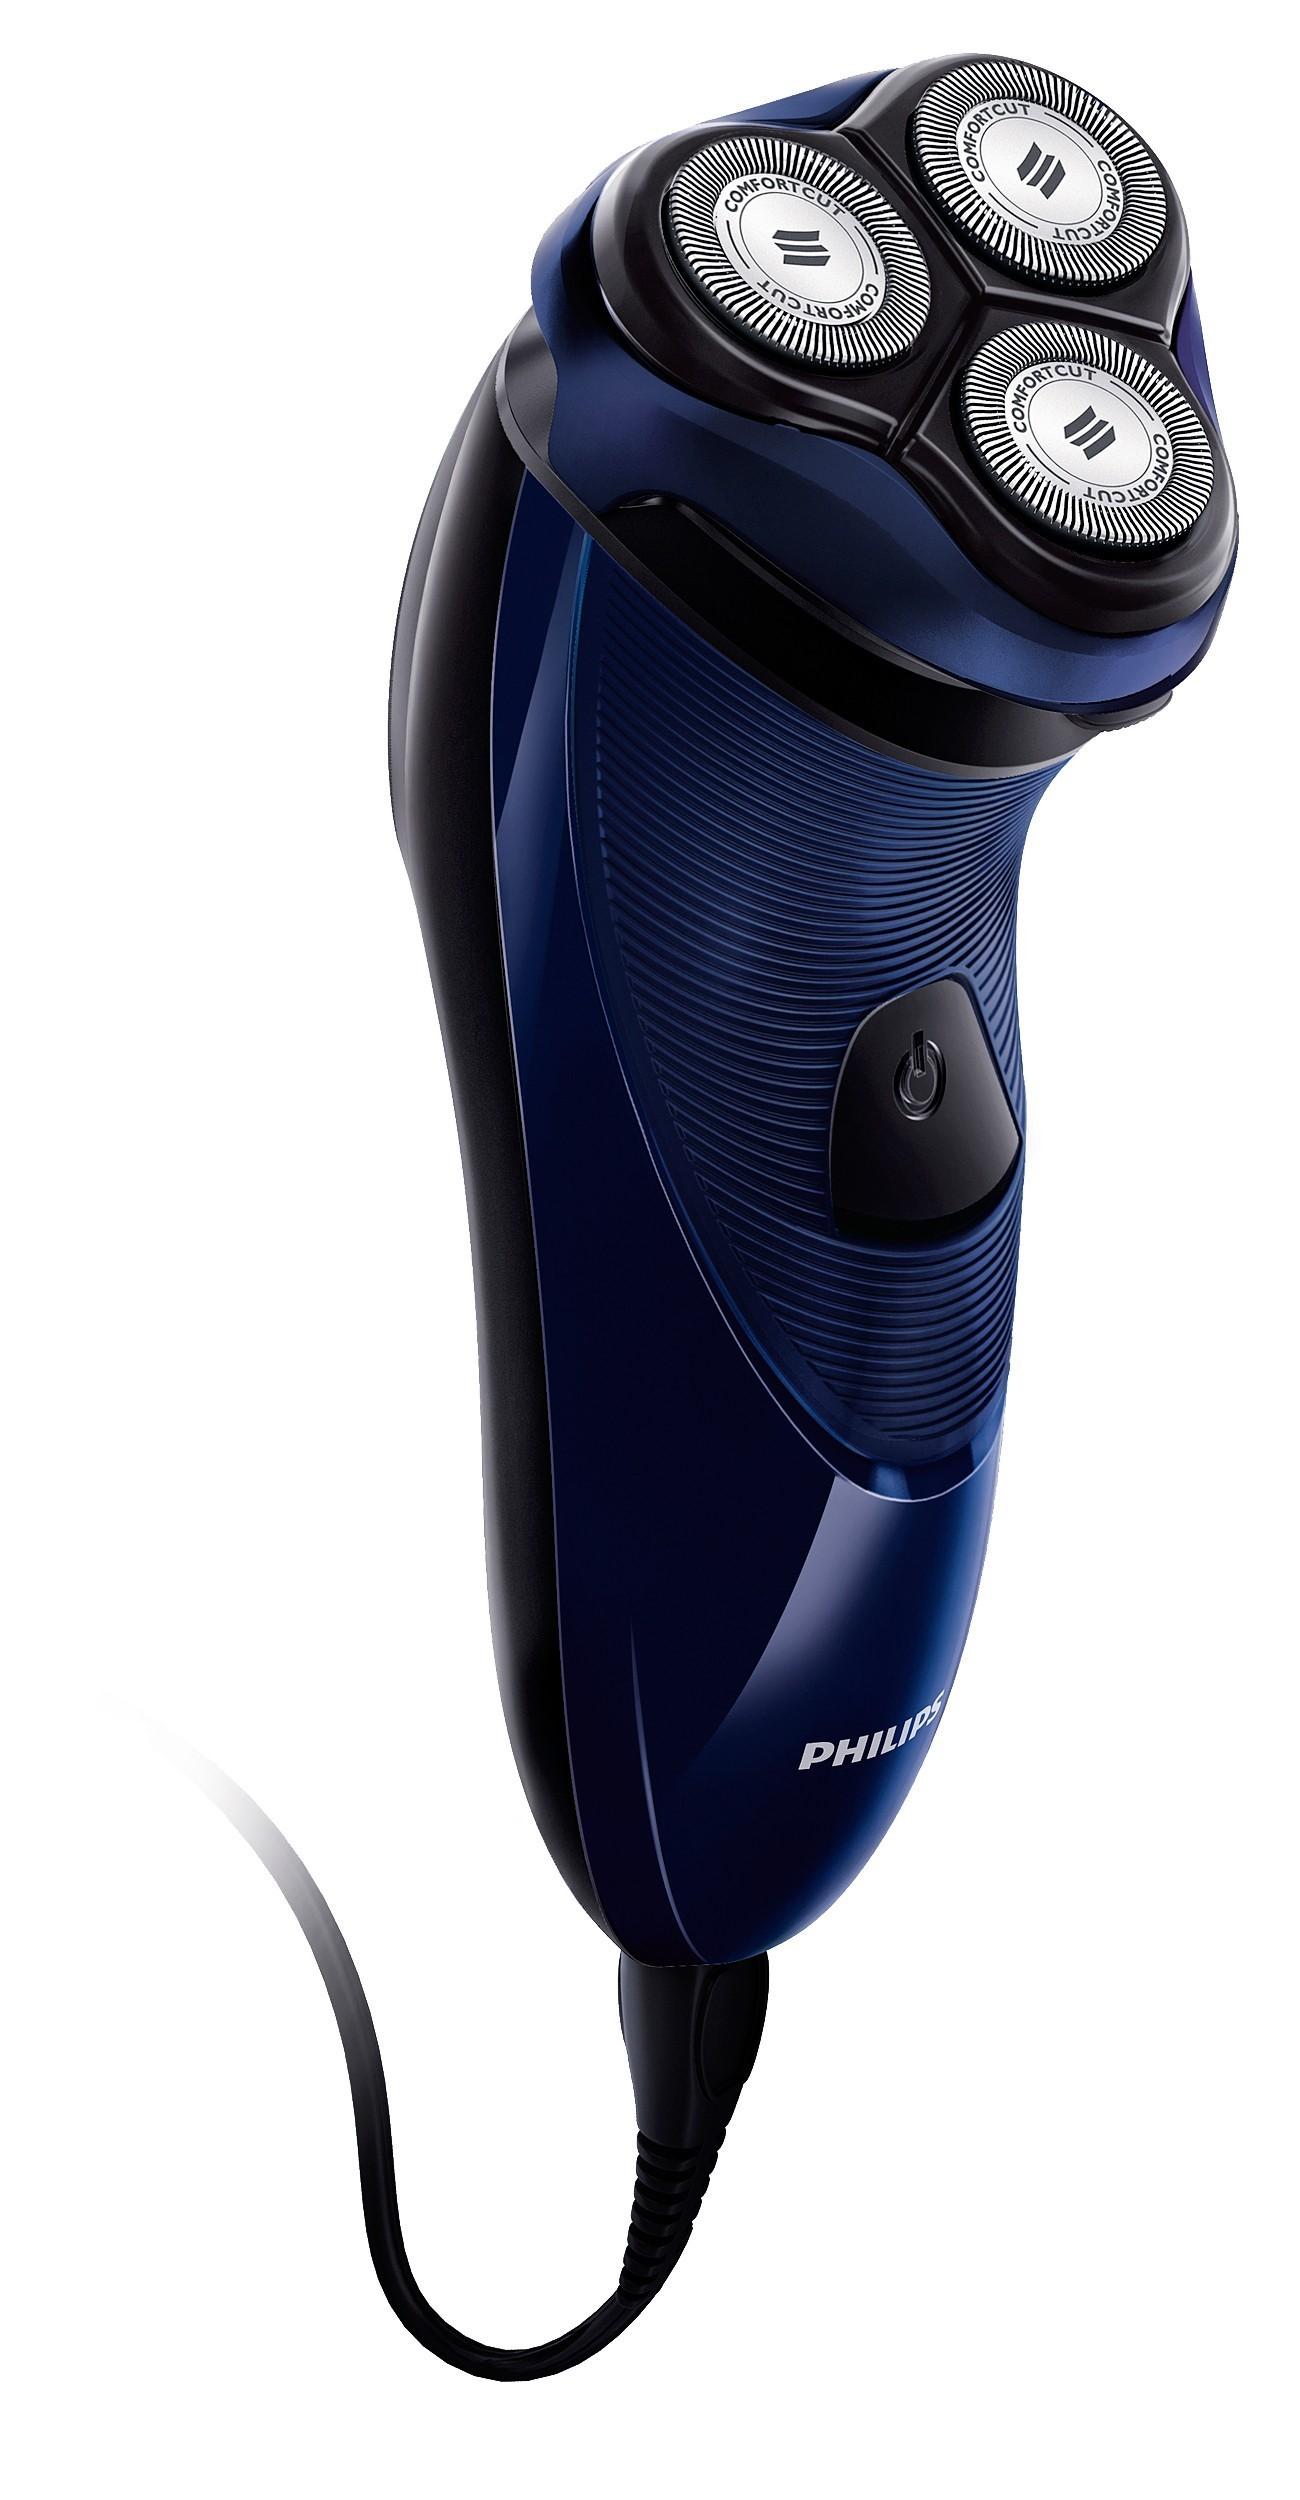 Станок или электрическая бритва: чем бриться дешевле?